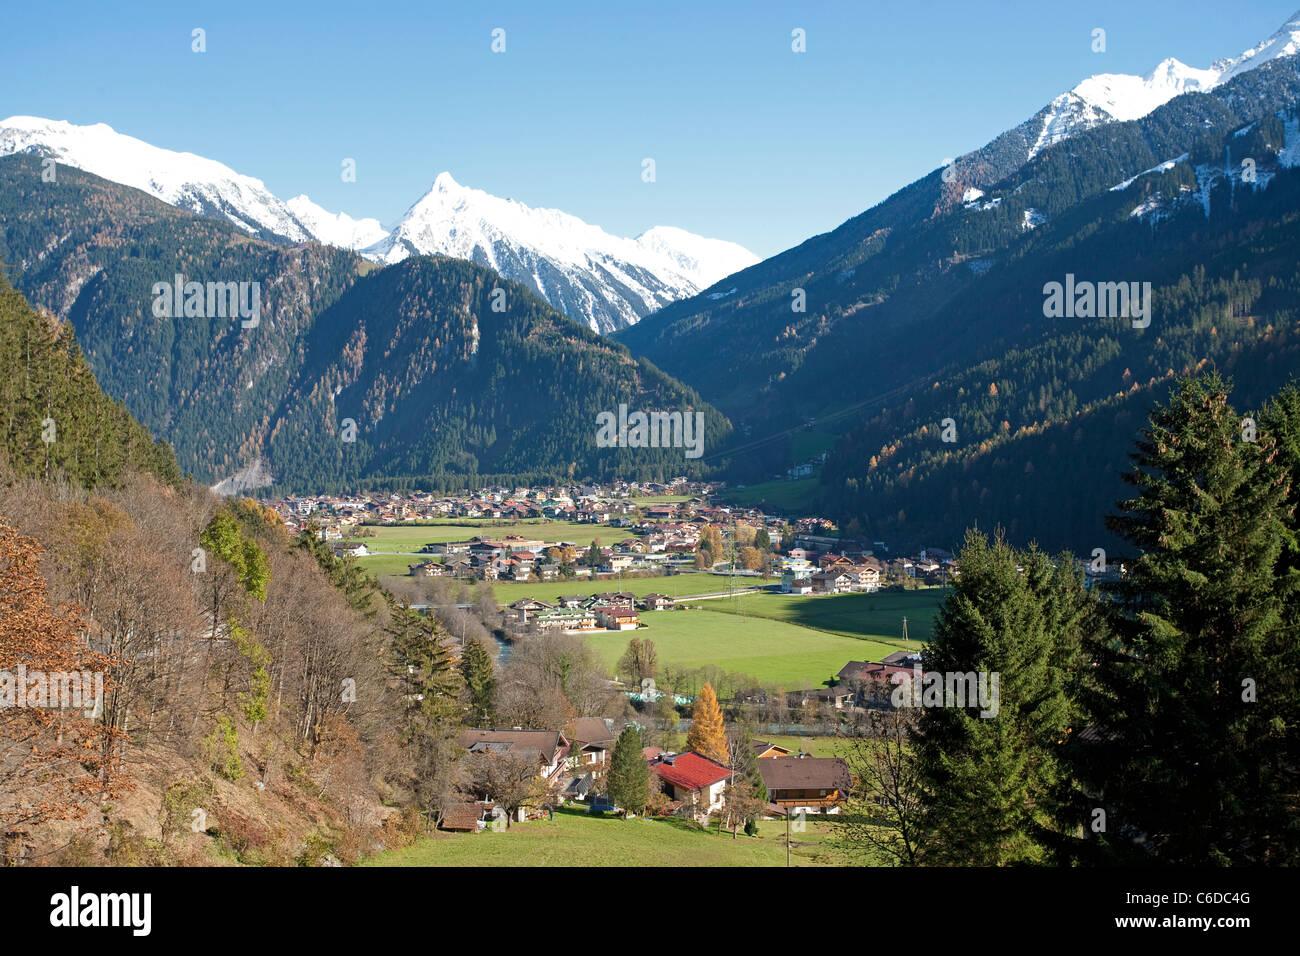 Mayrhofen, beliebter Ferienort und Marktgemeinde im Zillertal, Mayrhofen, famous and popular holiday area - Stock Image